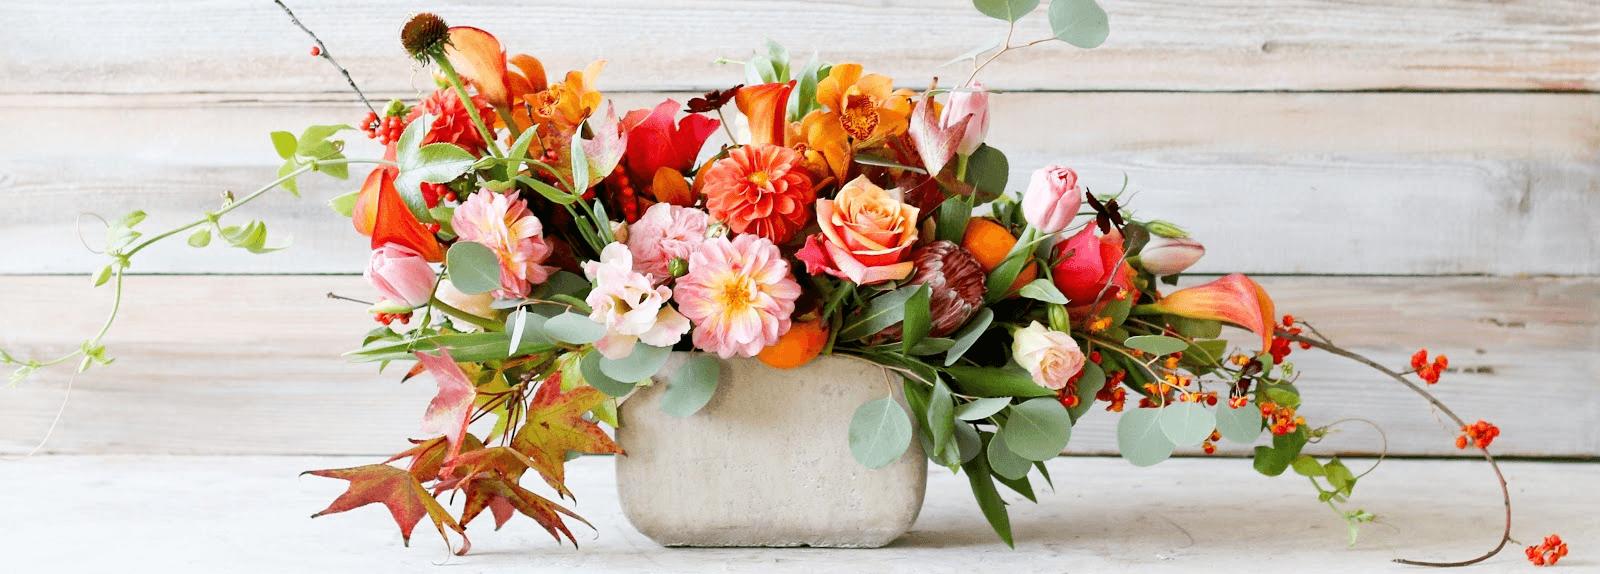 Thật đơn giản với cách cắm hoa trong khay gỗ